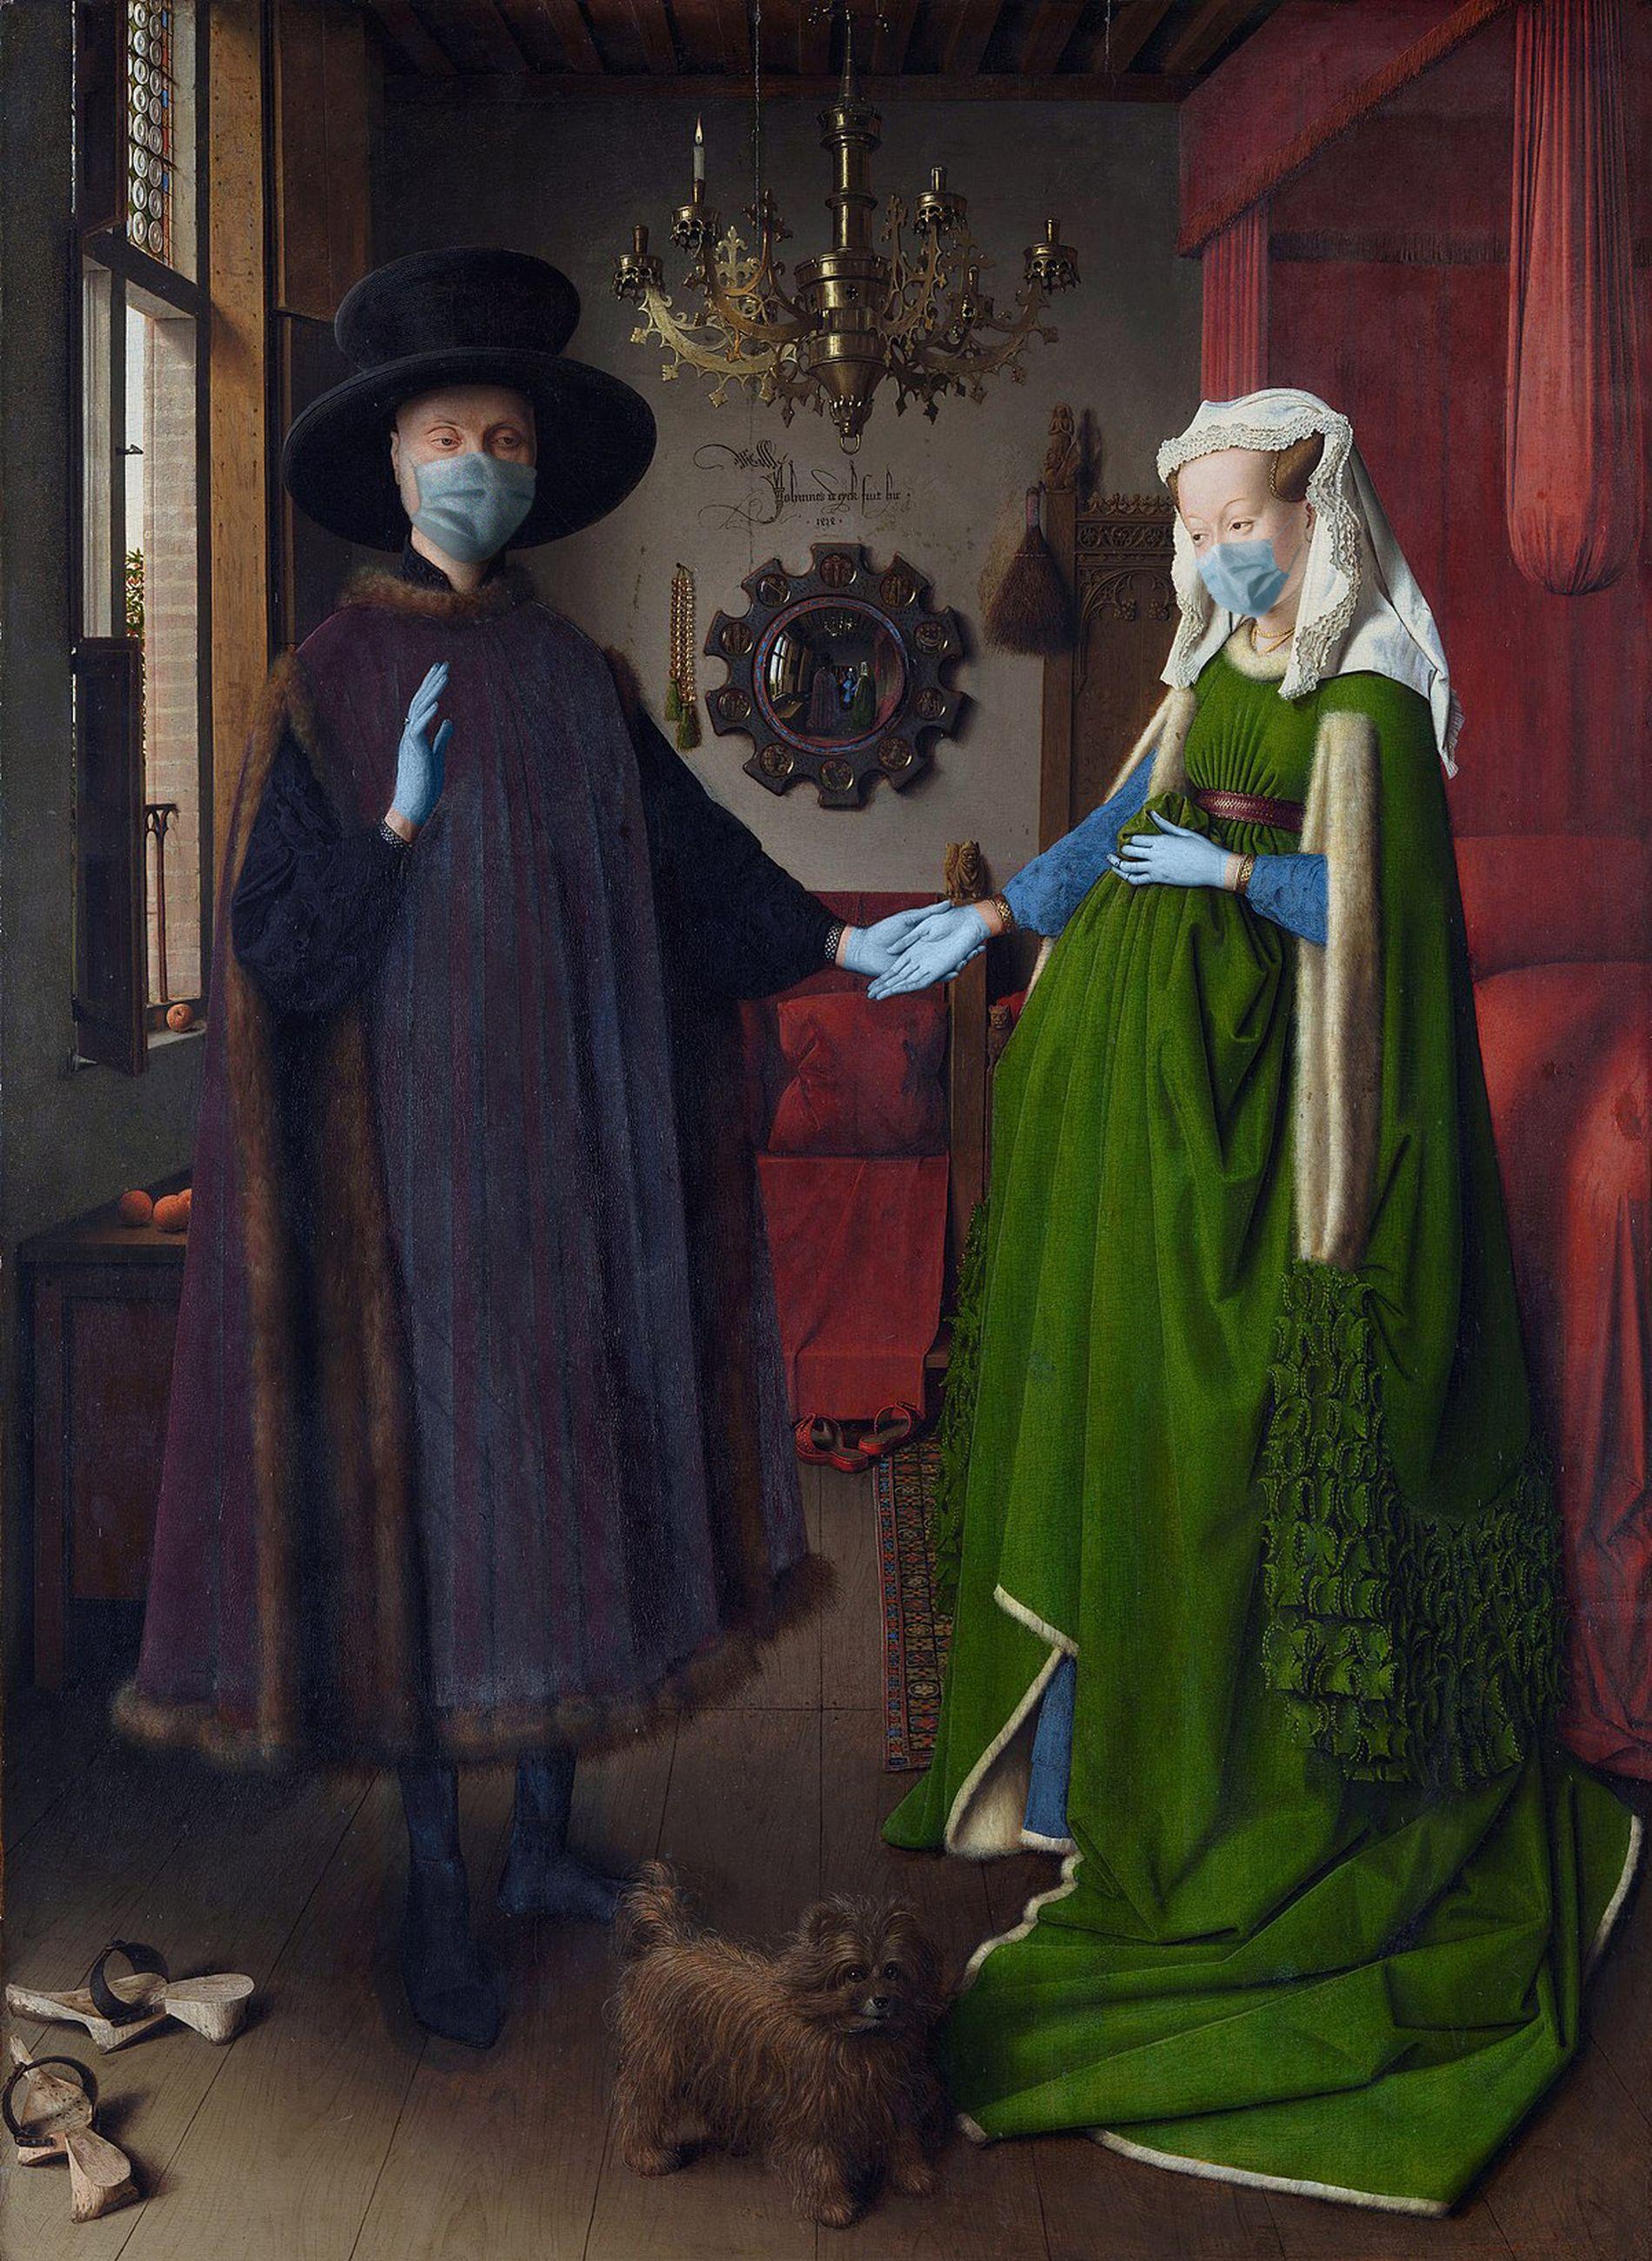 Retrato de Giovanni Arnolfini e sua esposa / Jan van Eyck/POA Estudio